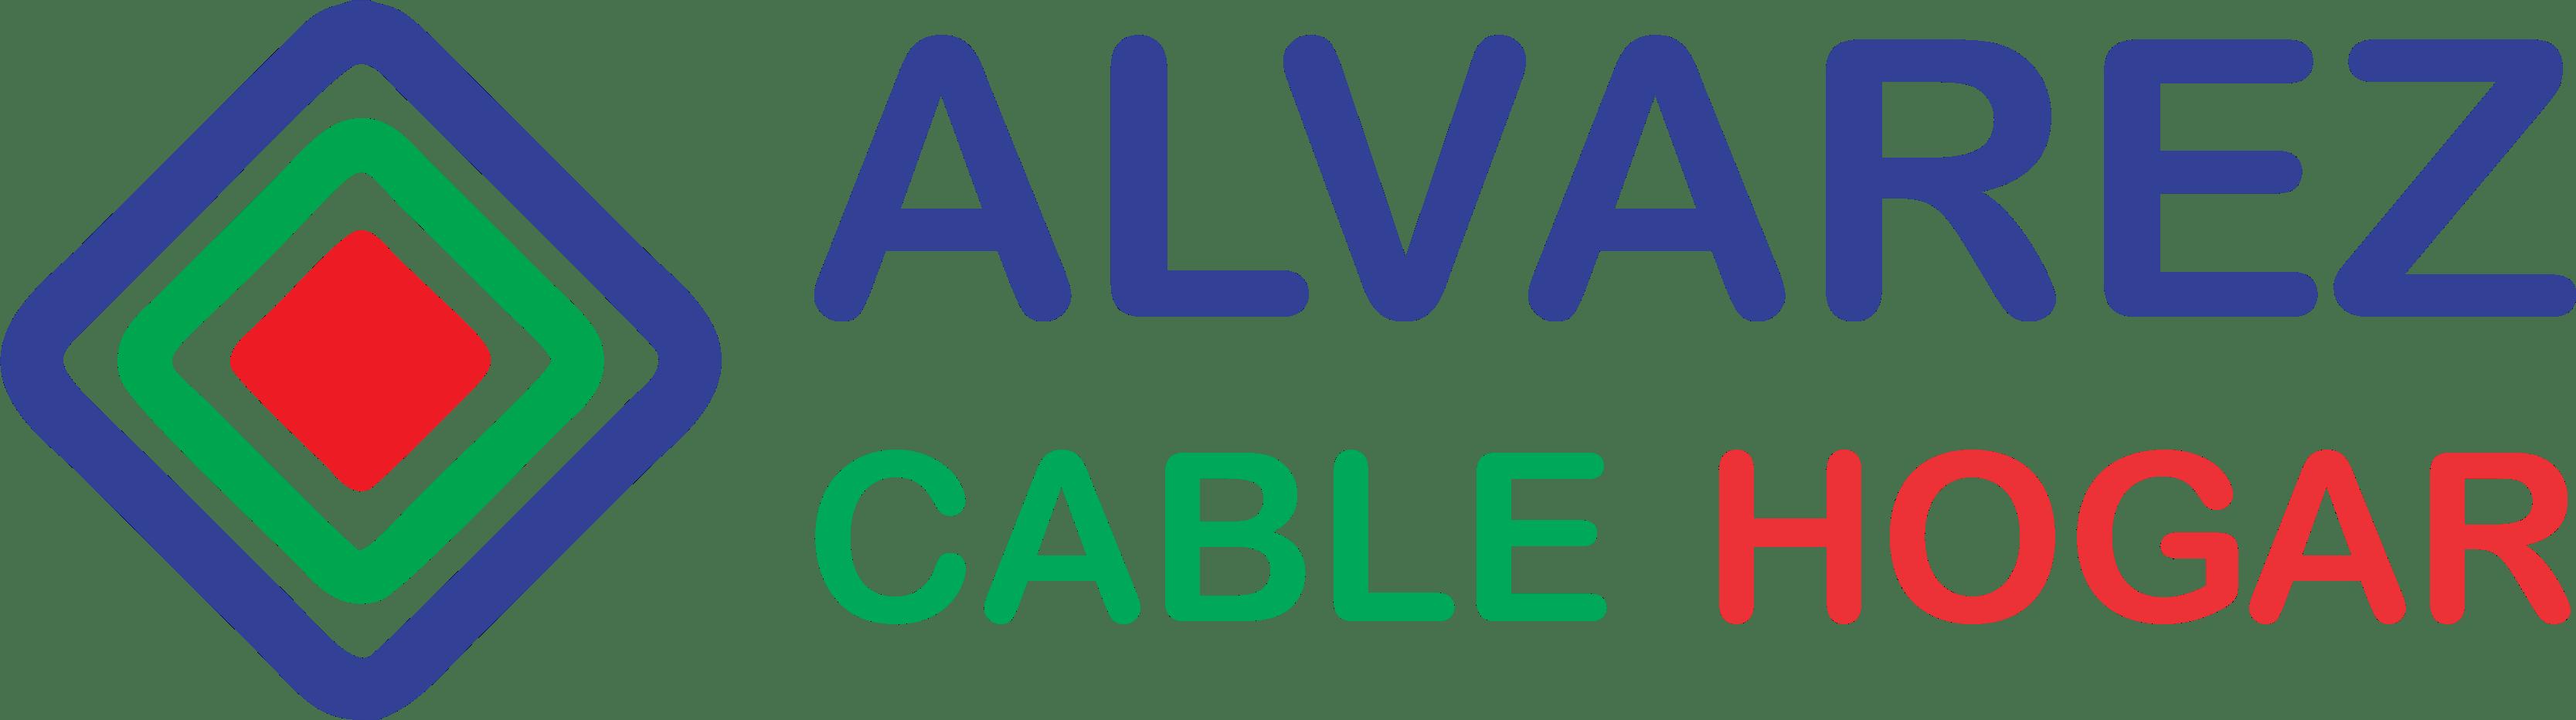 Alvarez Cable Hogar